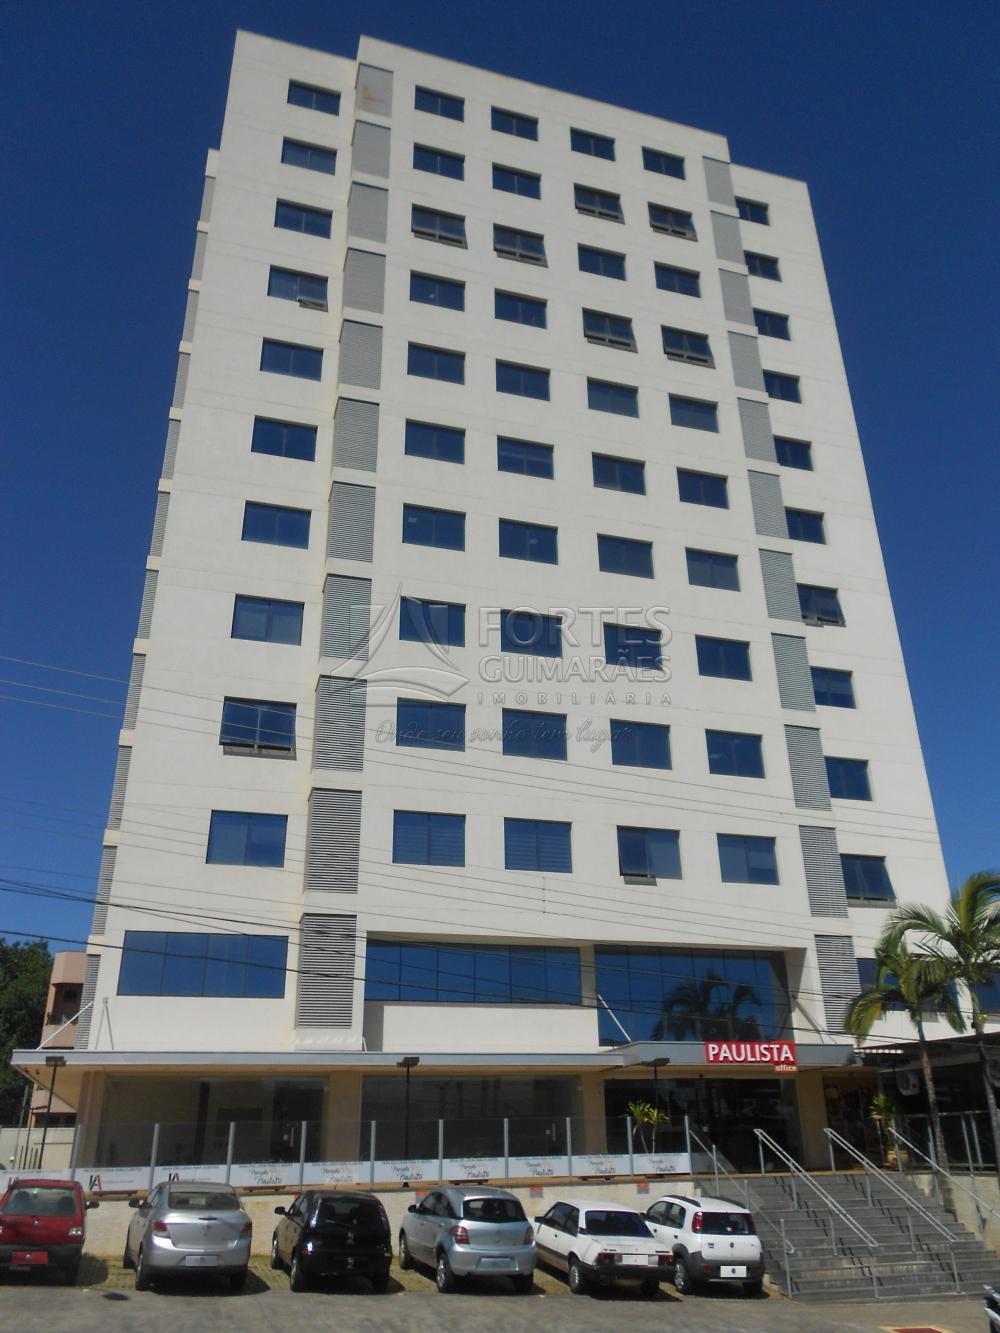 Alugar Comercial / Sala em Ribeirão Preto apenas R$ 1.100,00 - Foto 1